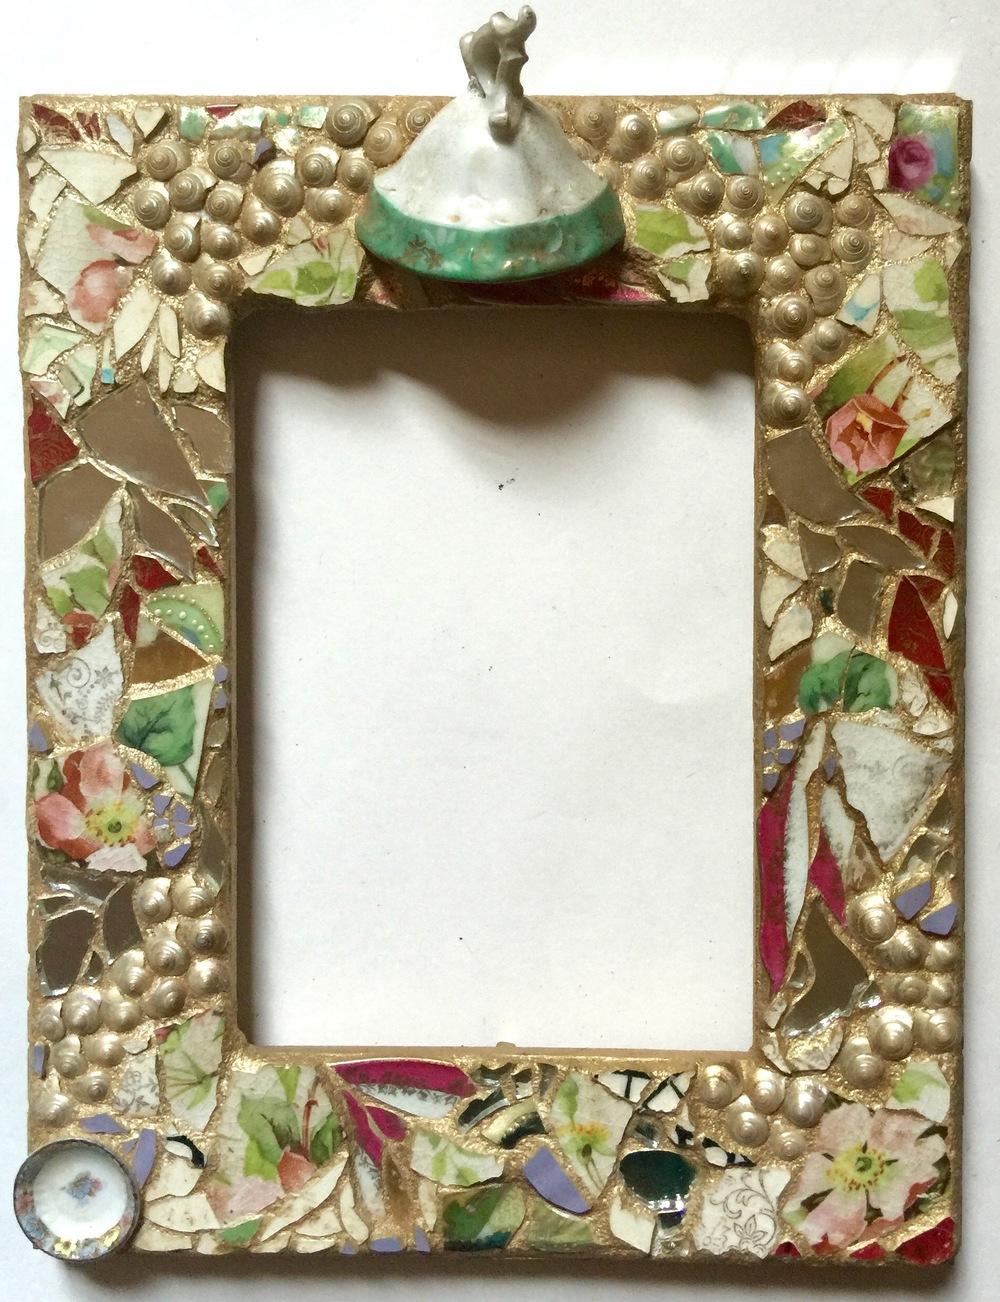 Mosaic Frame 5x7  $70